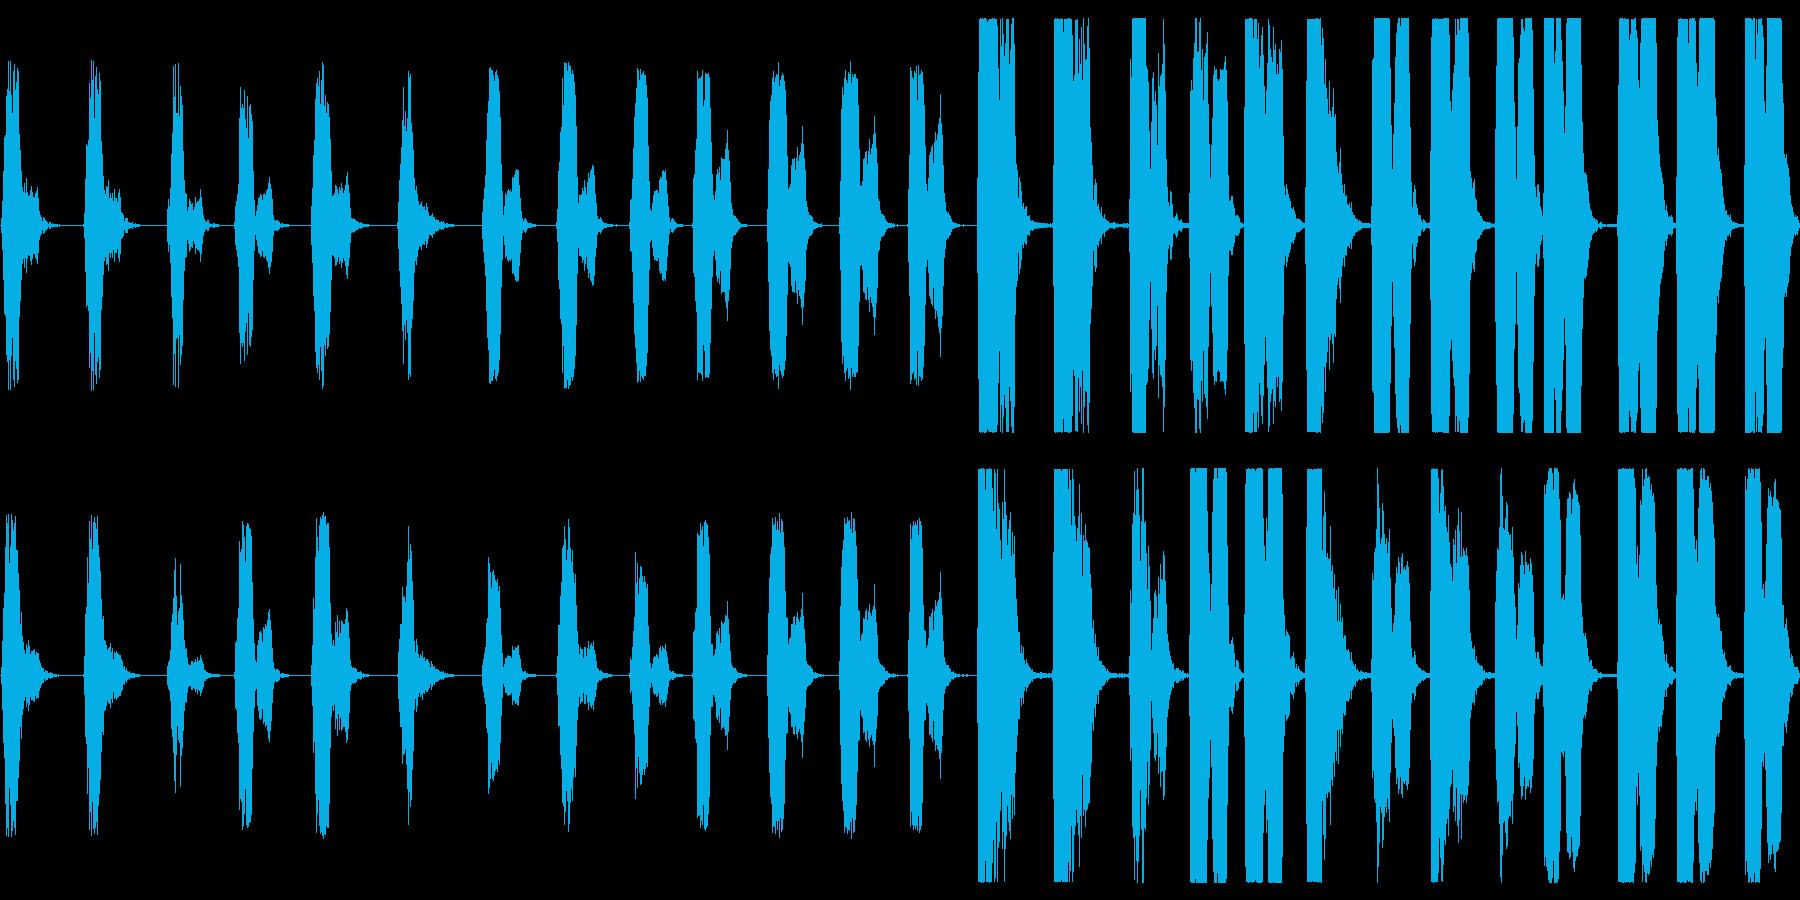 サブ周波数ブームトラック:低音のガ...の再生済みの波形